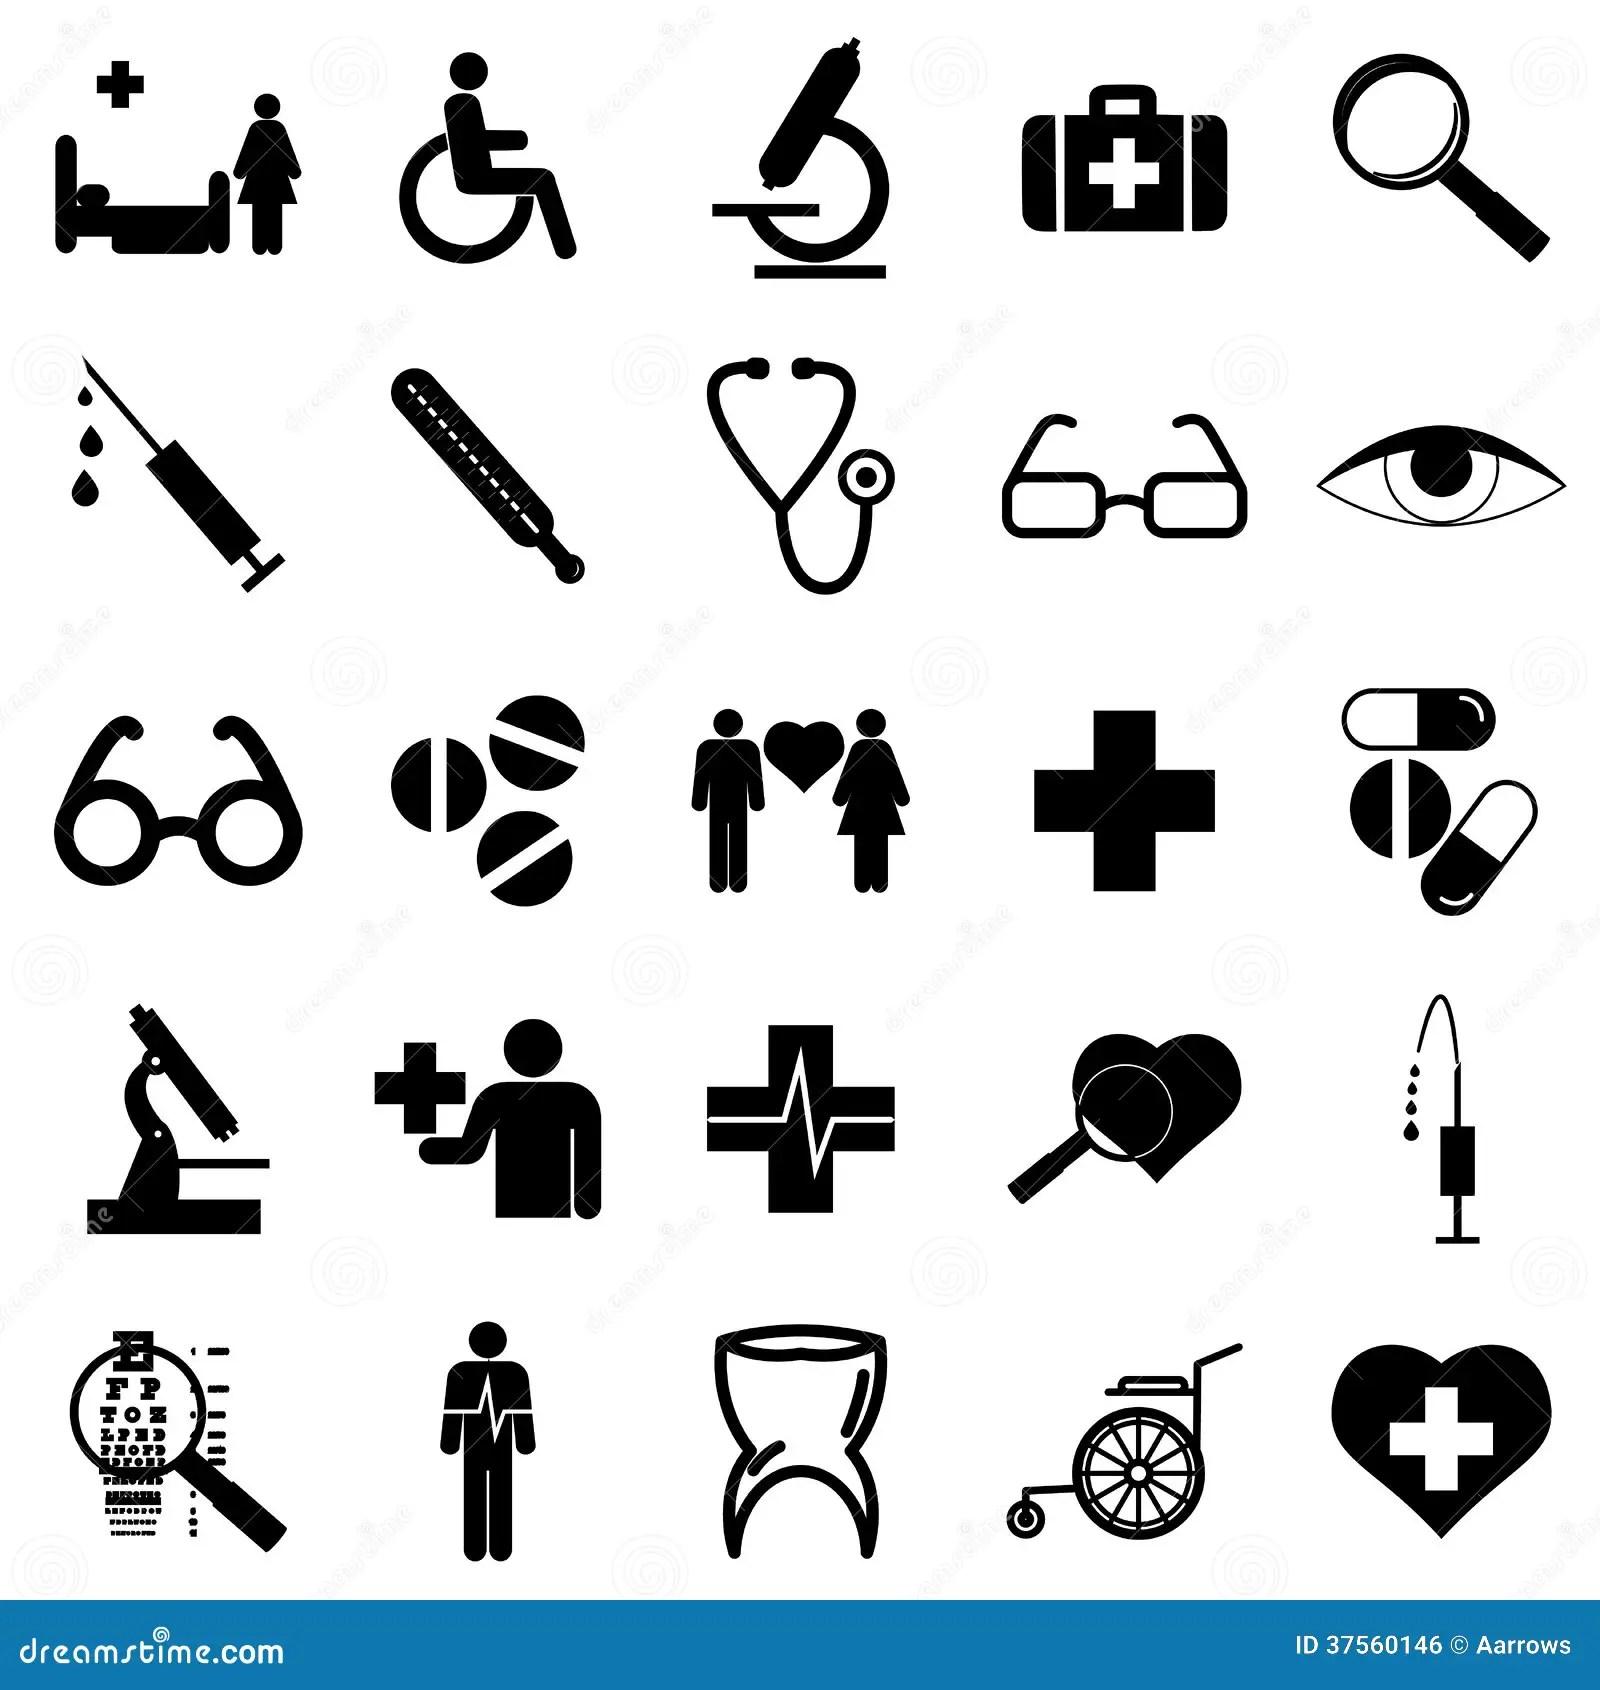 Icones Lisos Da Colecao Simbolos Da Medicina Vetor